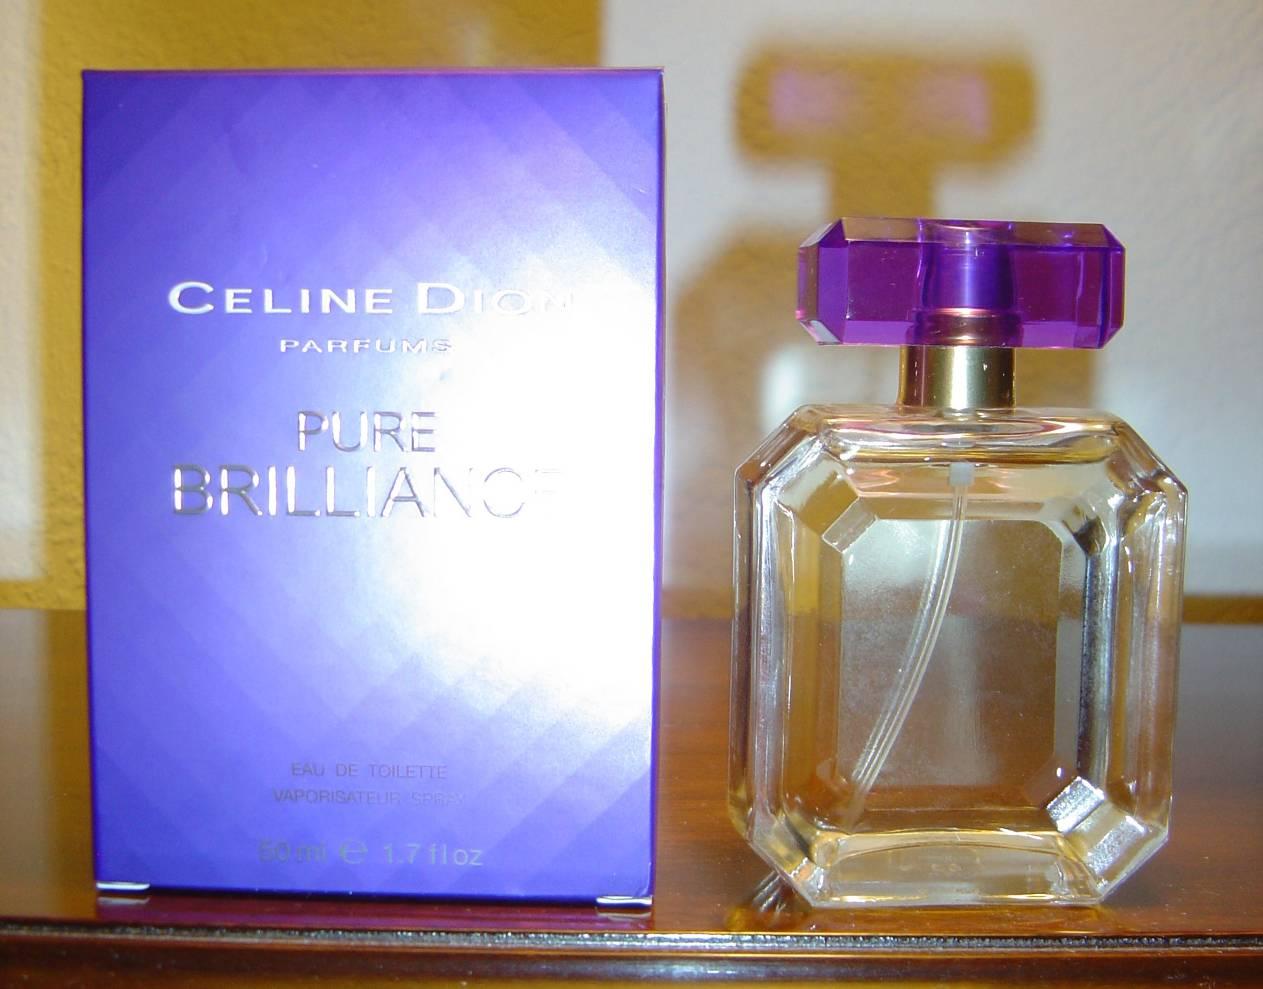 Celine Dion's Pure Brilliance Eau de Toilette Spray.jpeg